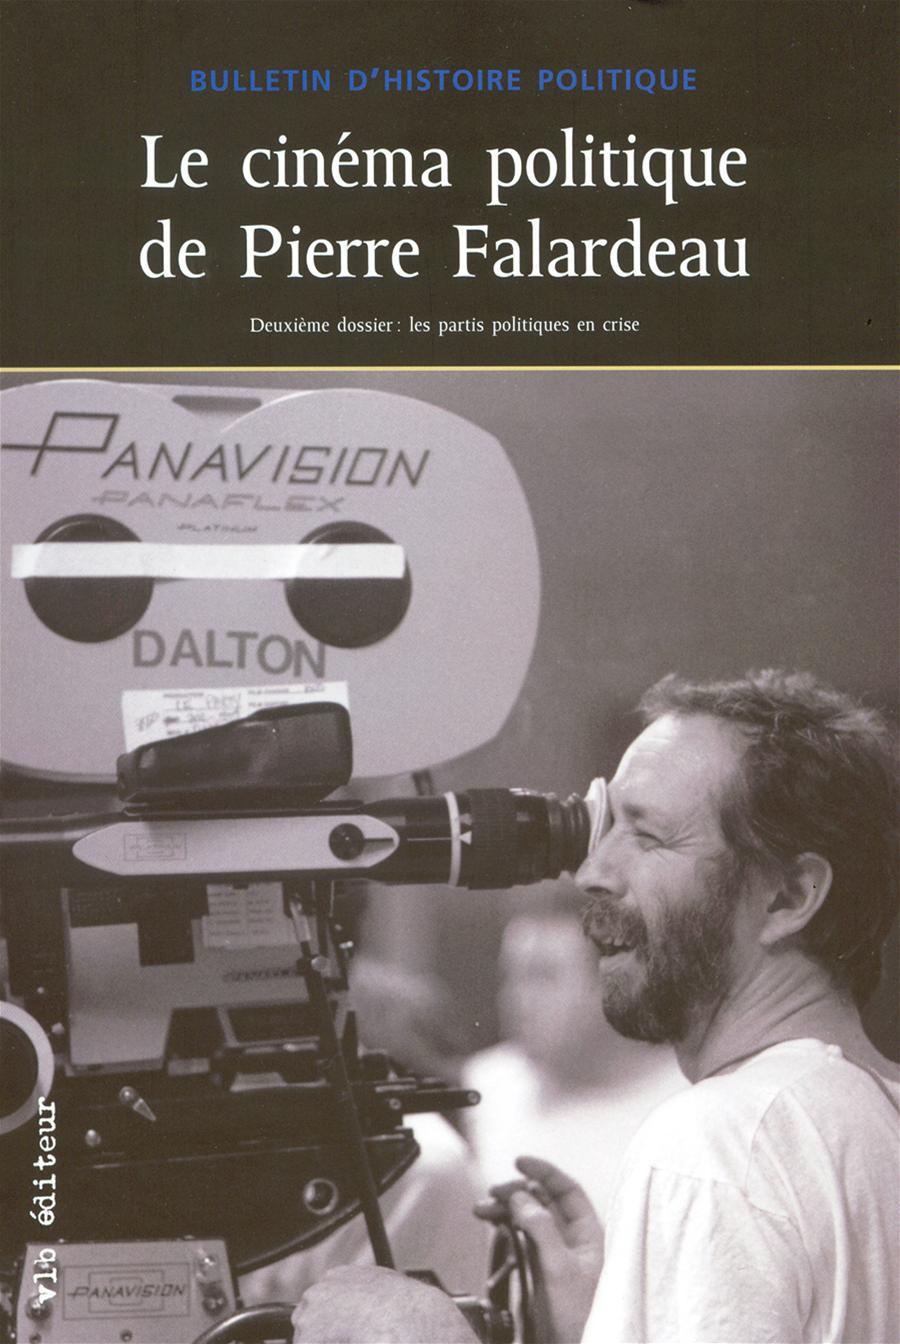 Le cinéma politique de Pierre Falardeau